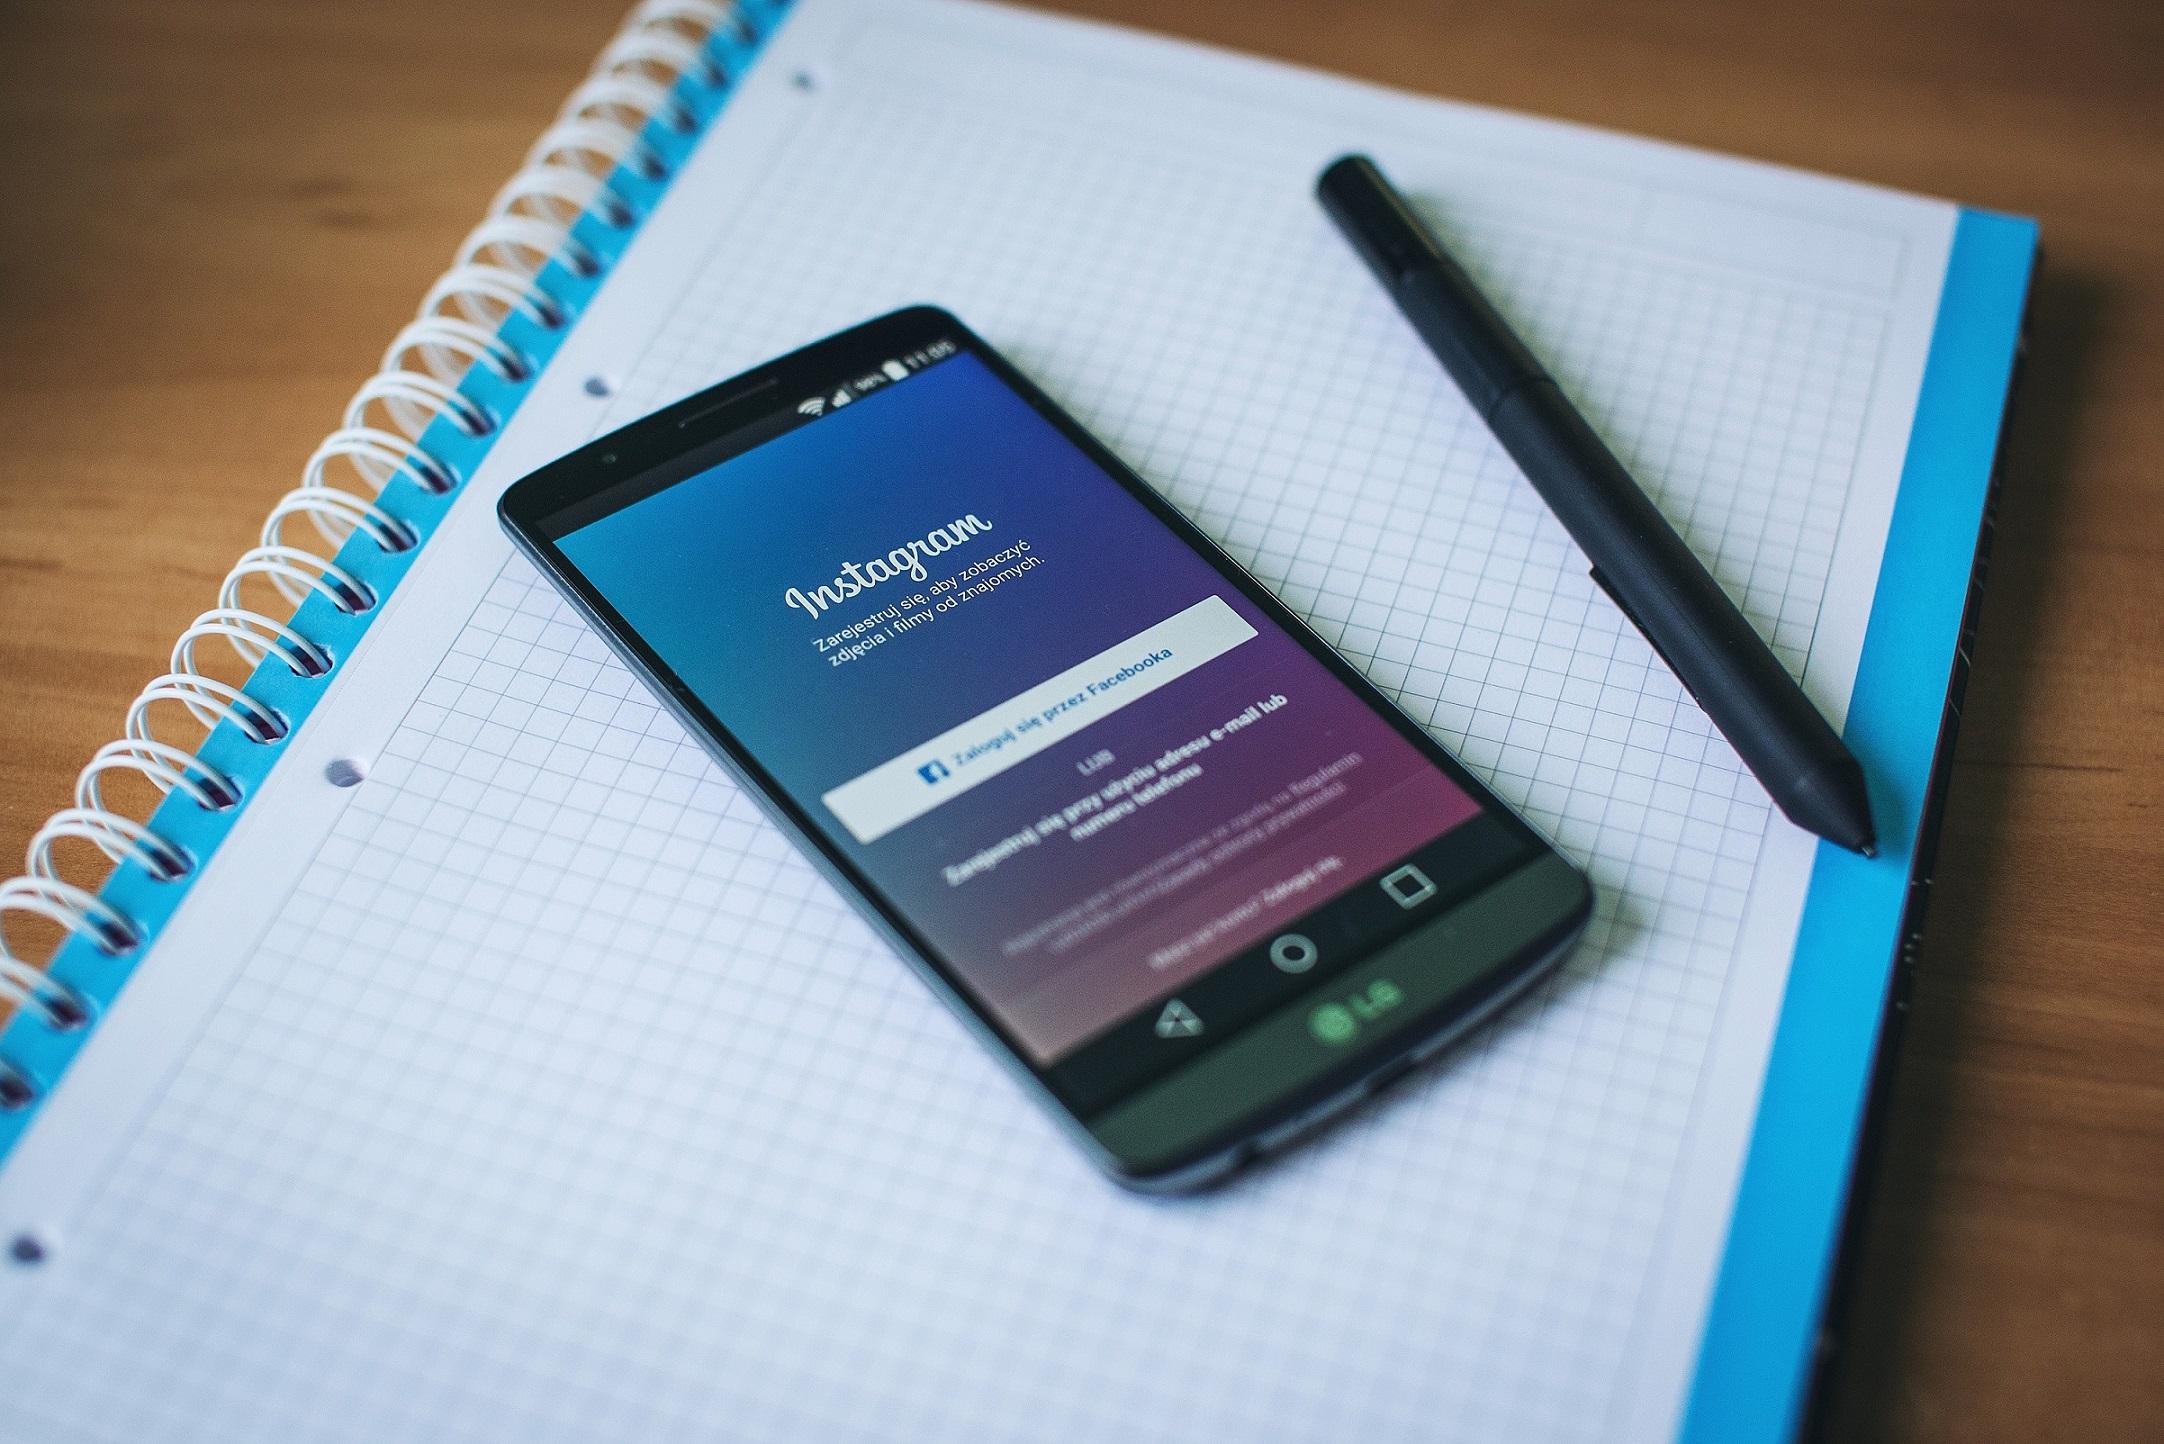 مفوضية مرشدات الشارقة تنمي الخيال الإبداعي والمهارات الاجتماعية لمنتسباتها